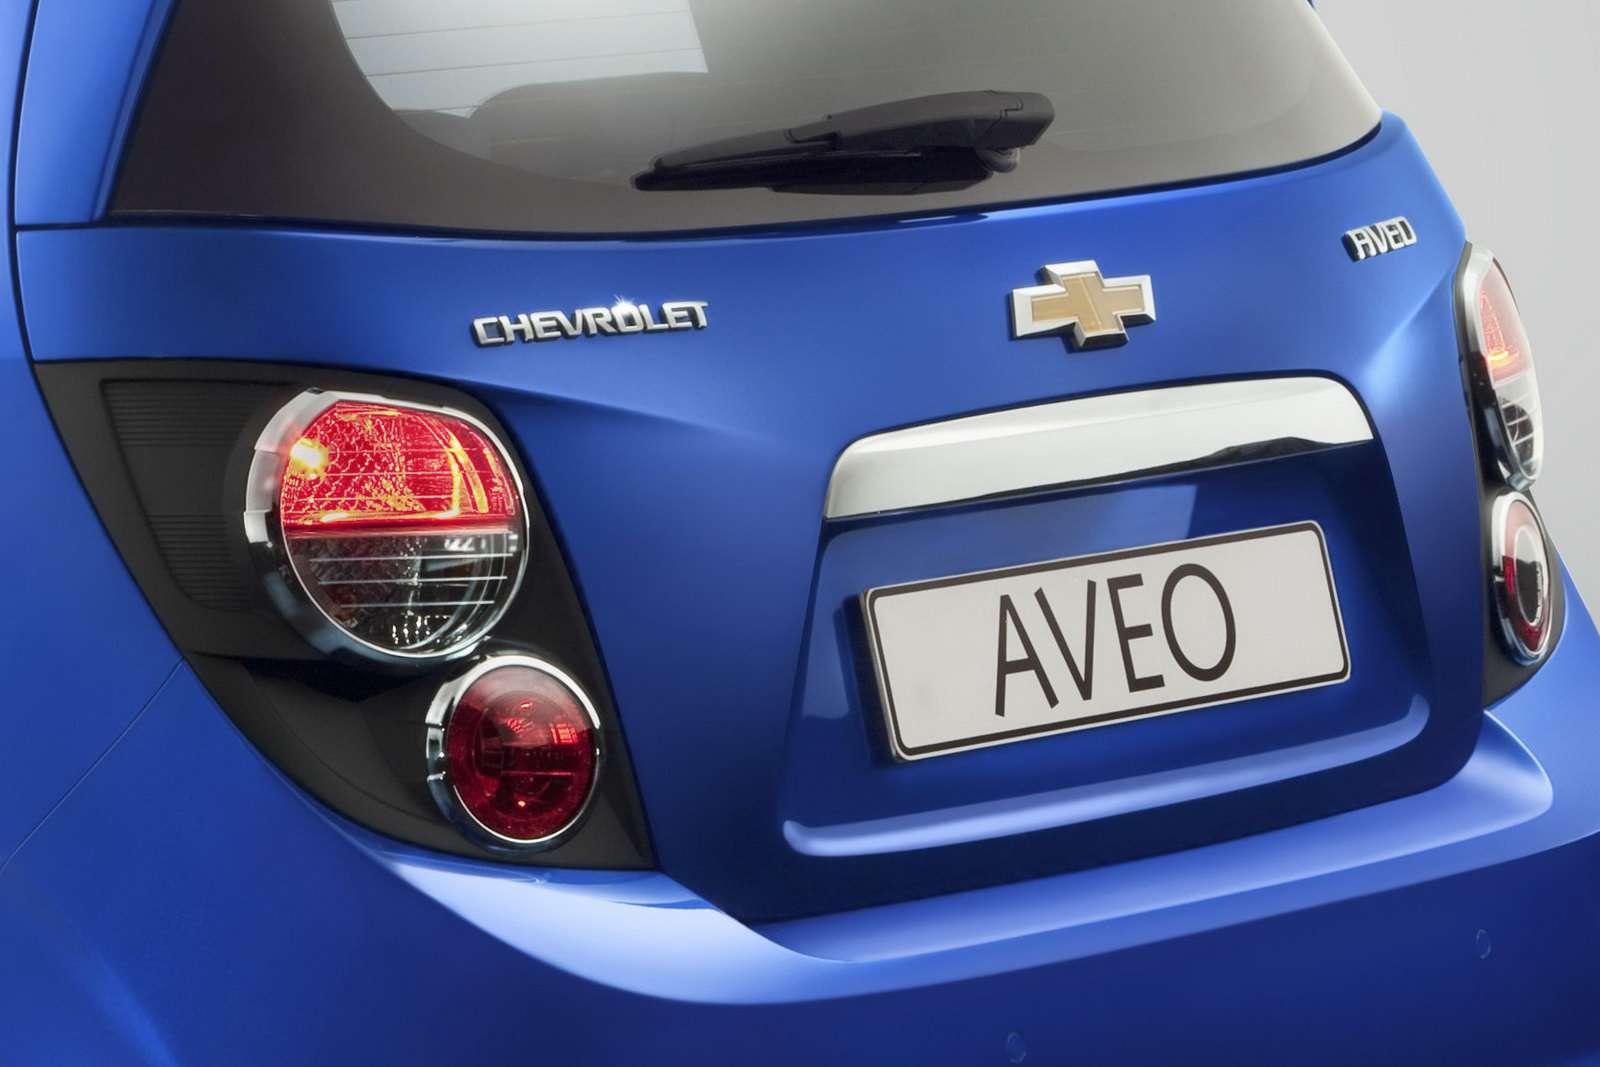 Nowy Chevrolet Aveo przed fr wrzesien 2010